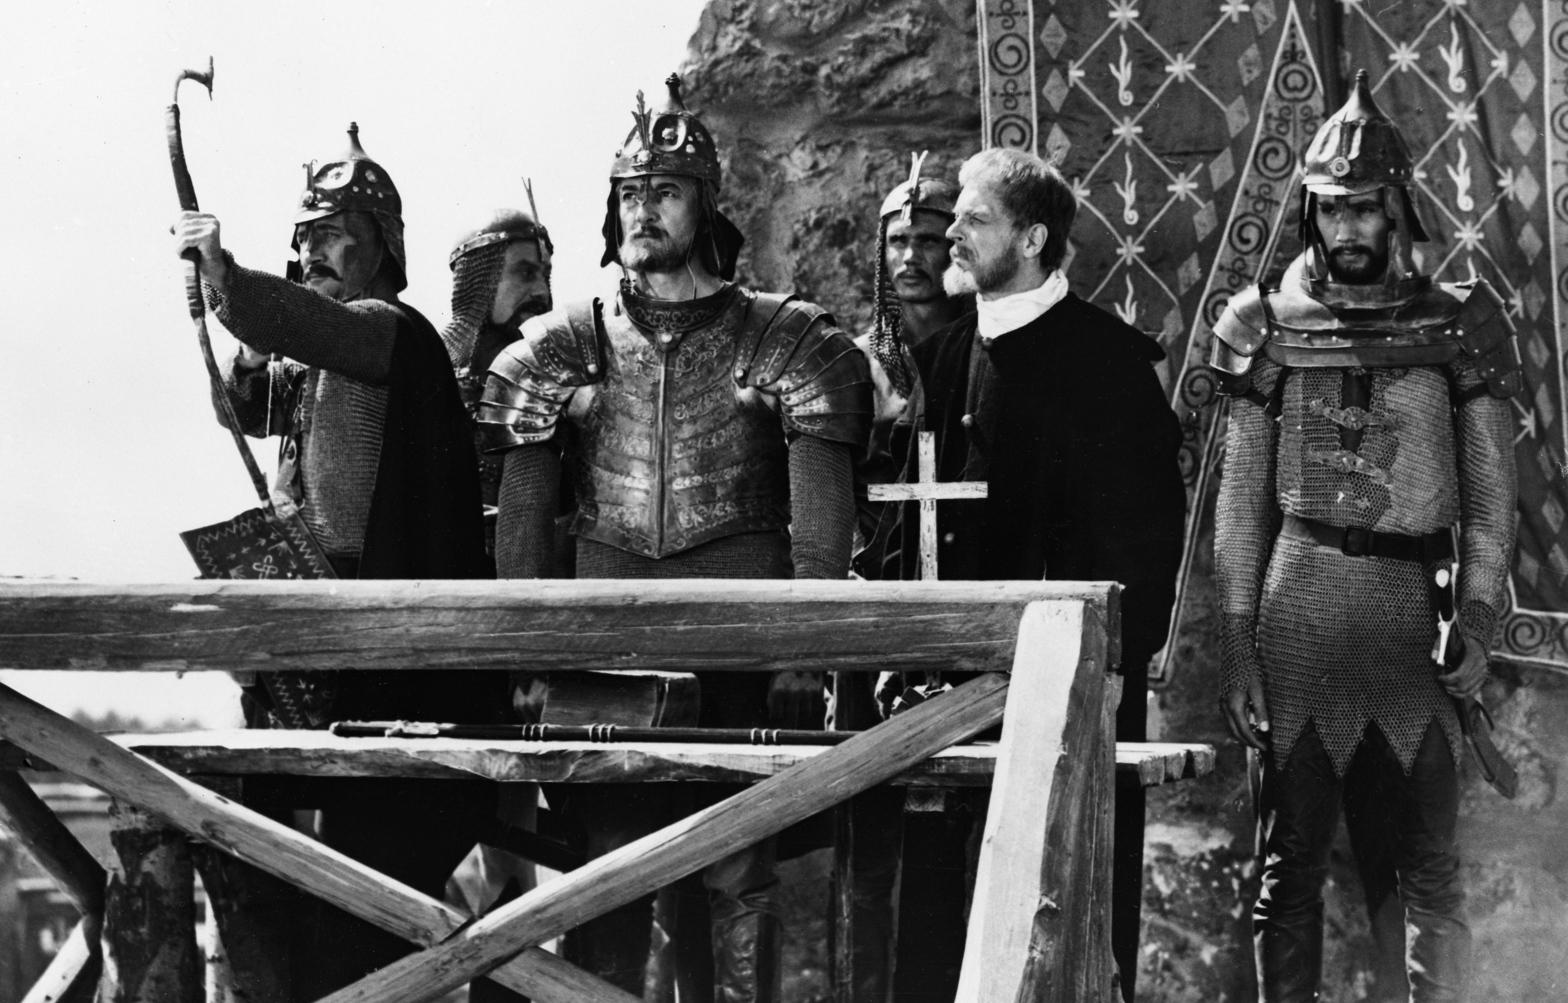 Sinkovits Imre (b3, Dobó István) az Egri csillagok című film egyik jelenetében, mögötte Koncz Gábor (j3, János), és Kovács István (j, Bornemissza Gergely). A felvétel készítésének pontos dátuma ismeretlen, a filmet 1968. december 19-én mutatták be Várkonyi Zoltán rendezésében. MTI Fotó/MOKÉP